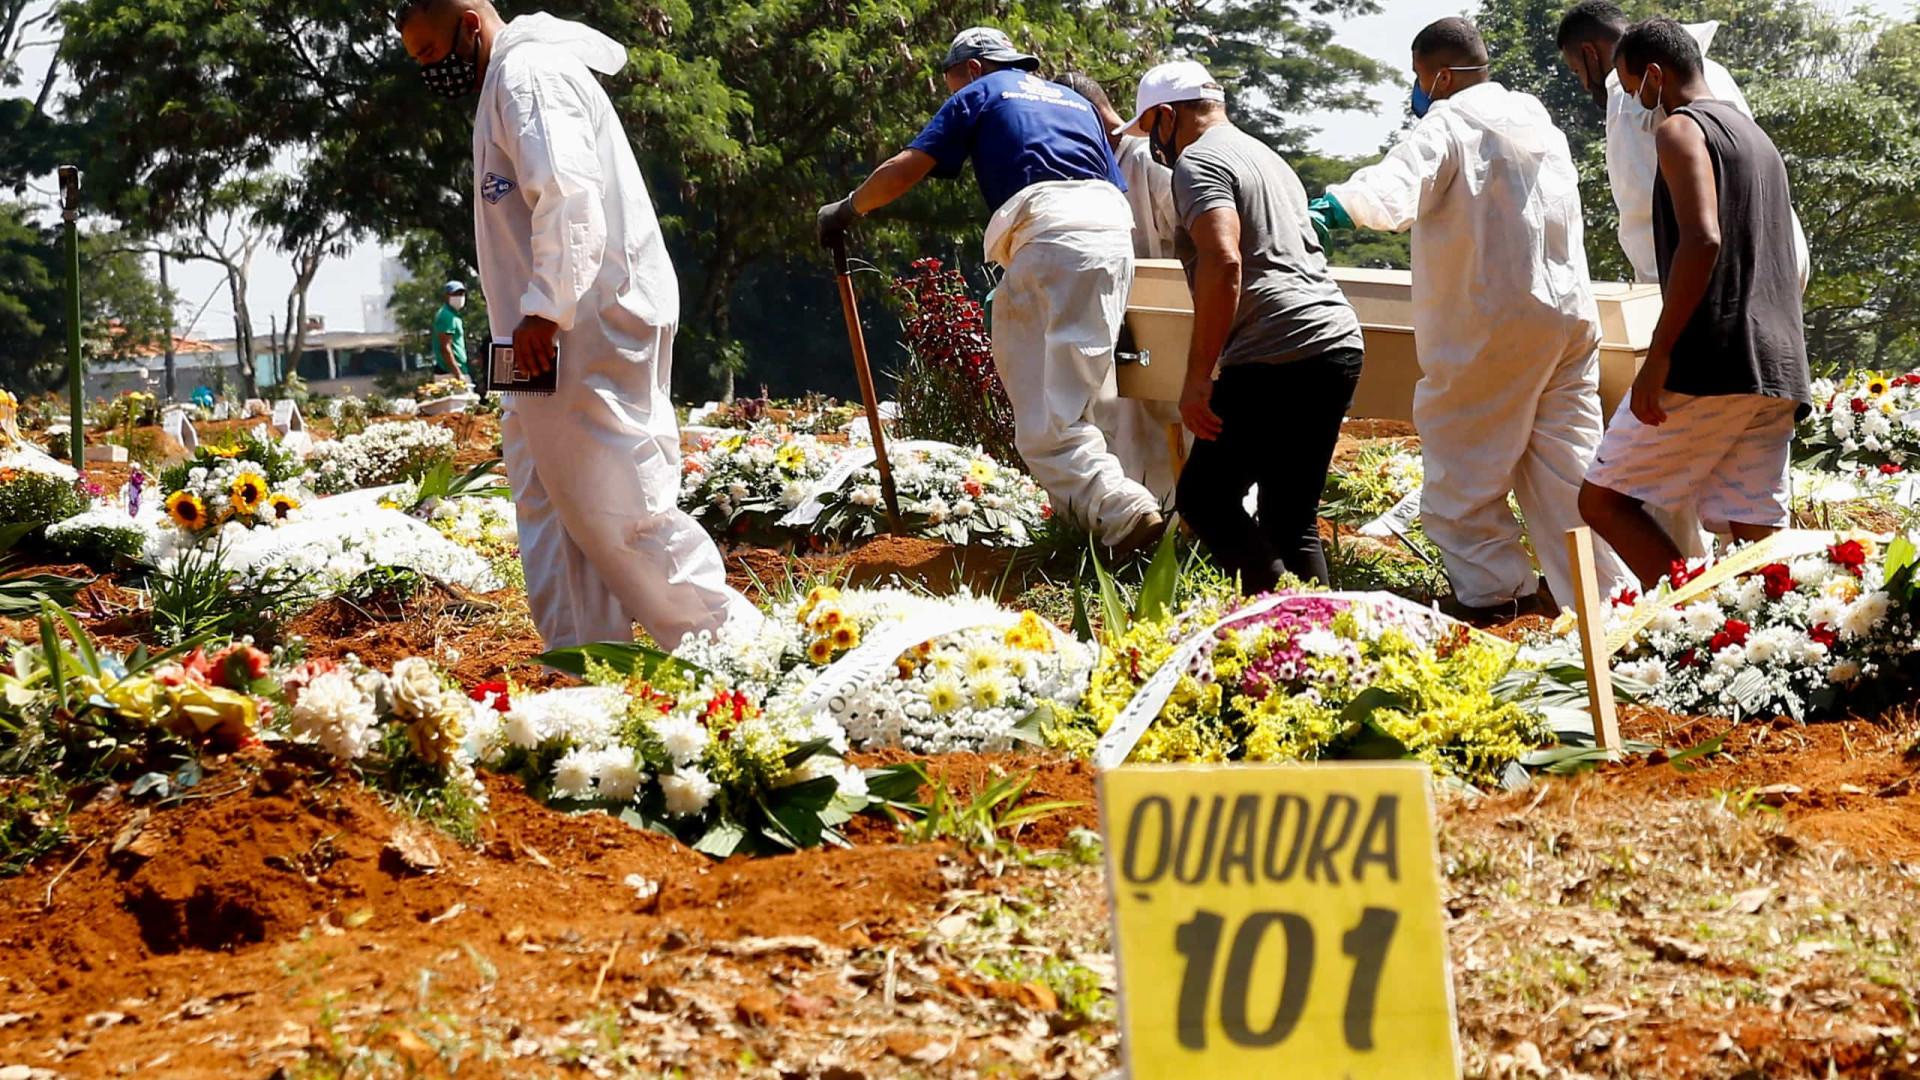 País registra 1.657 mortes e 42.980 novos casos de covid-19 em 24h